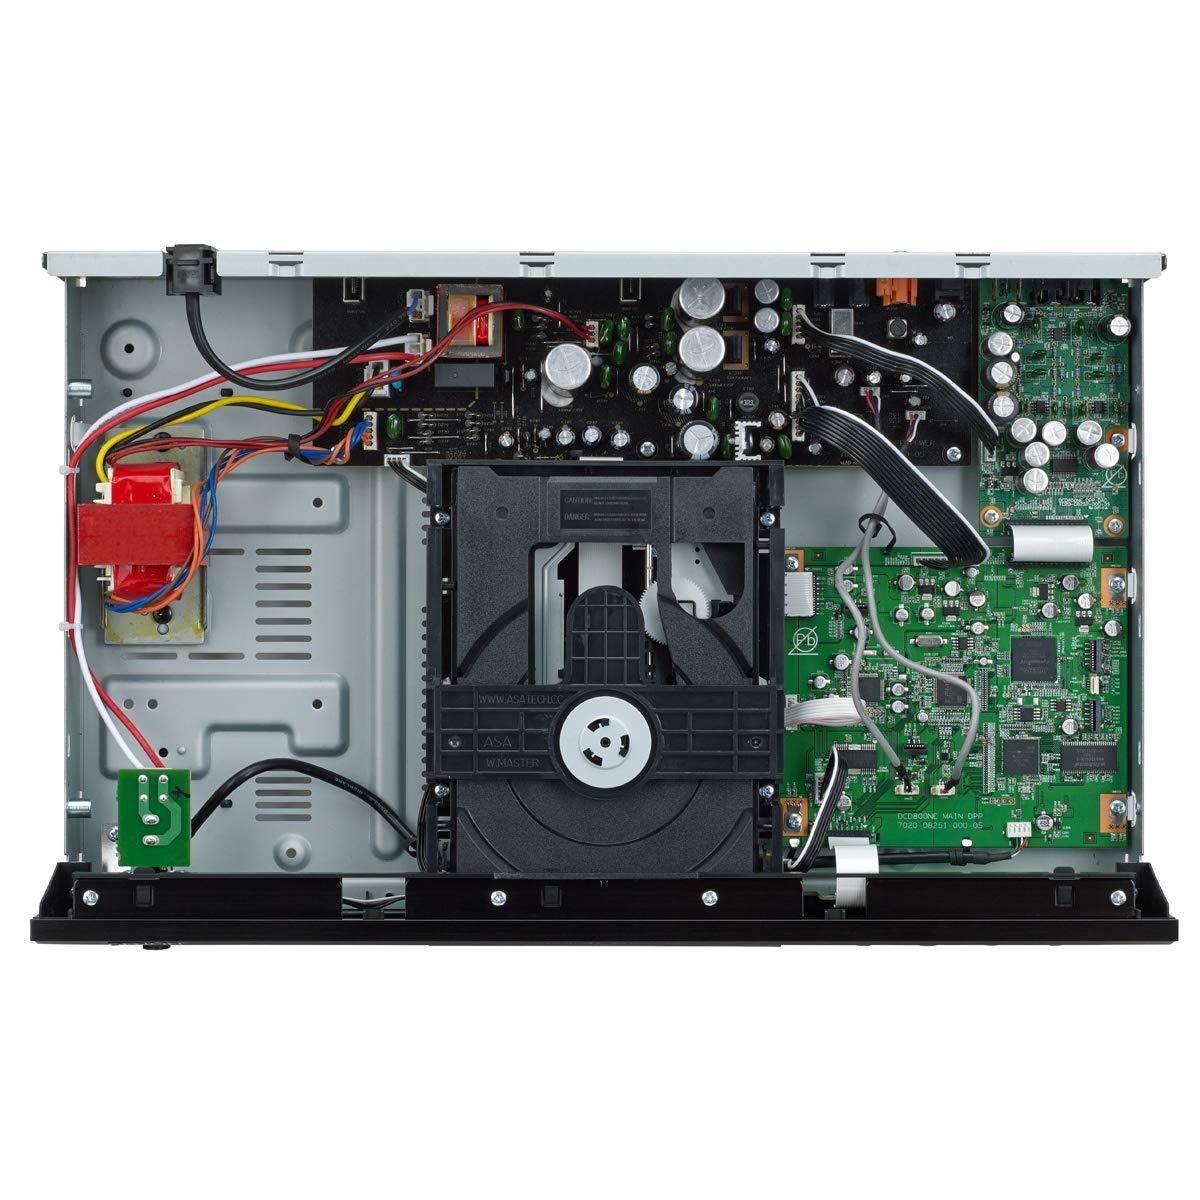 Denon DCD-1600NE Super Audio Cd Player (Black) by Denon (Image #2)